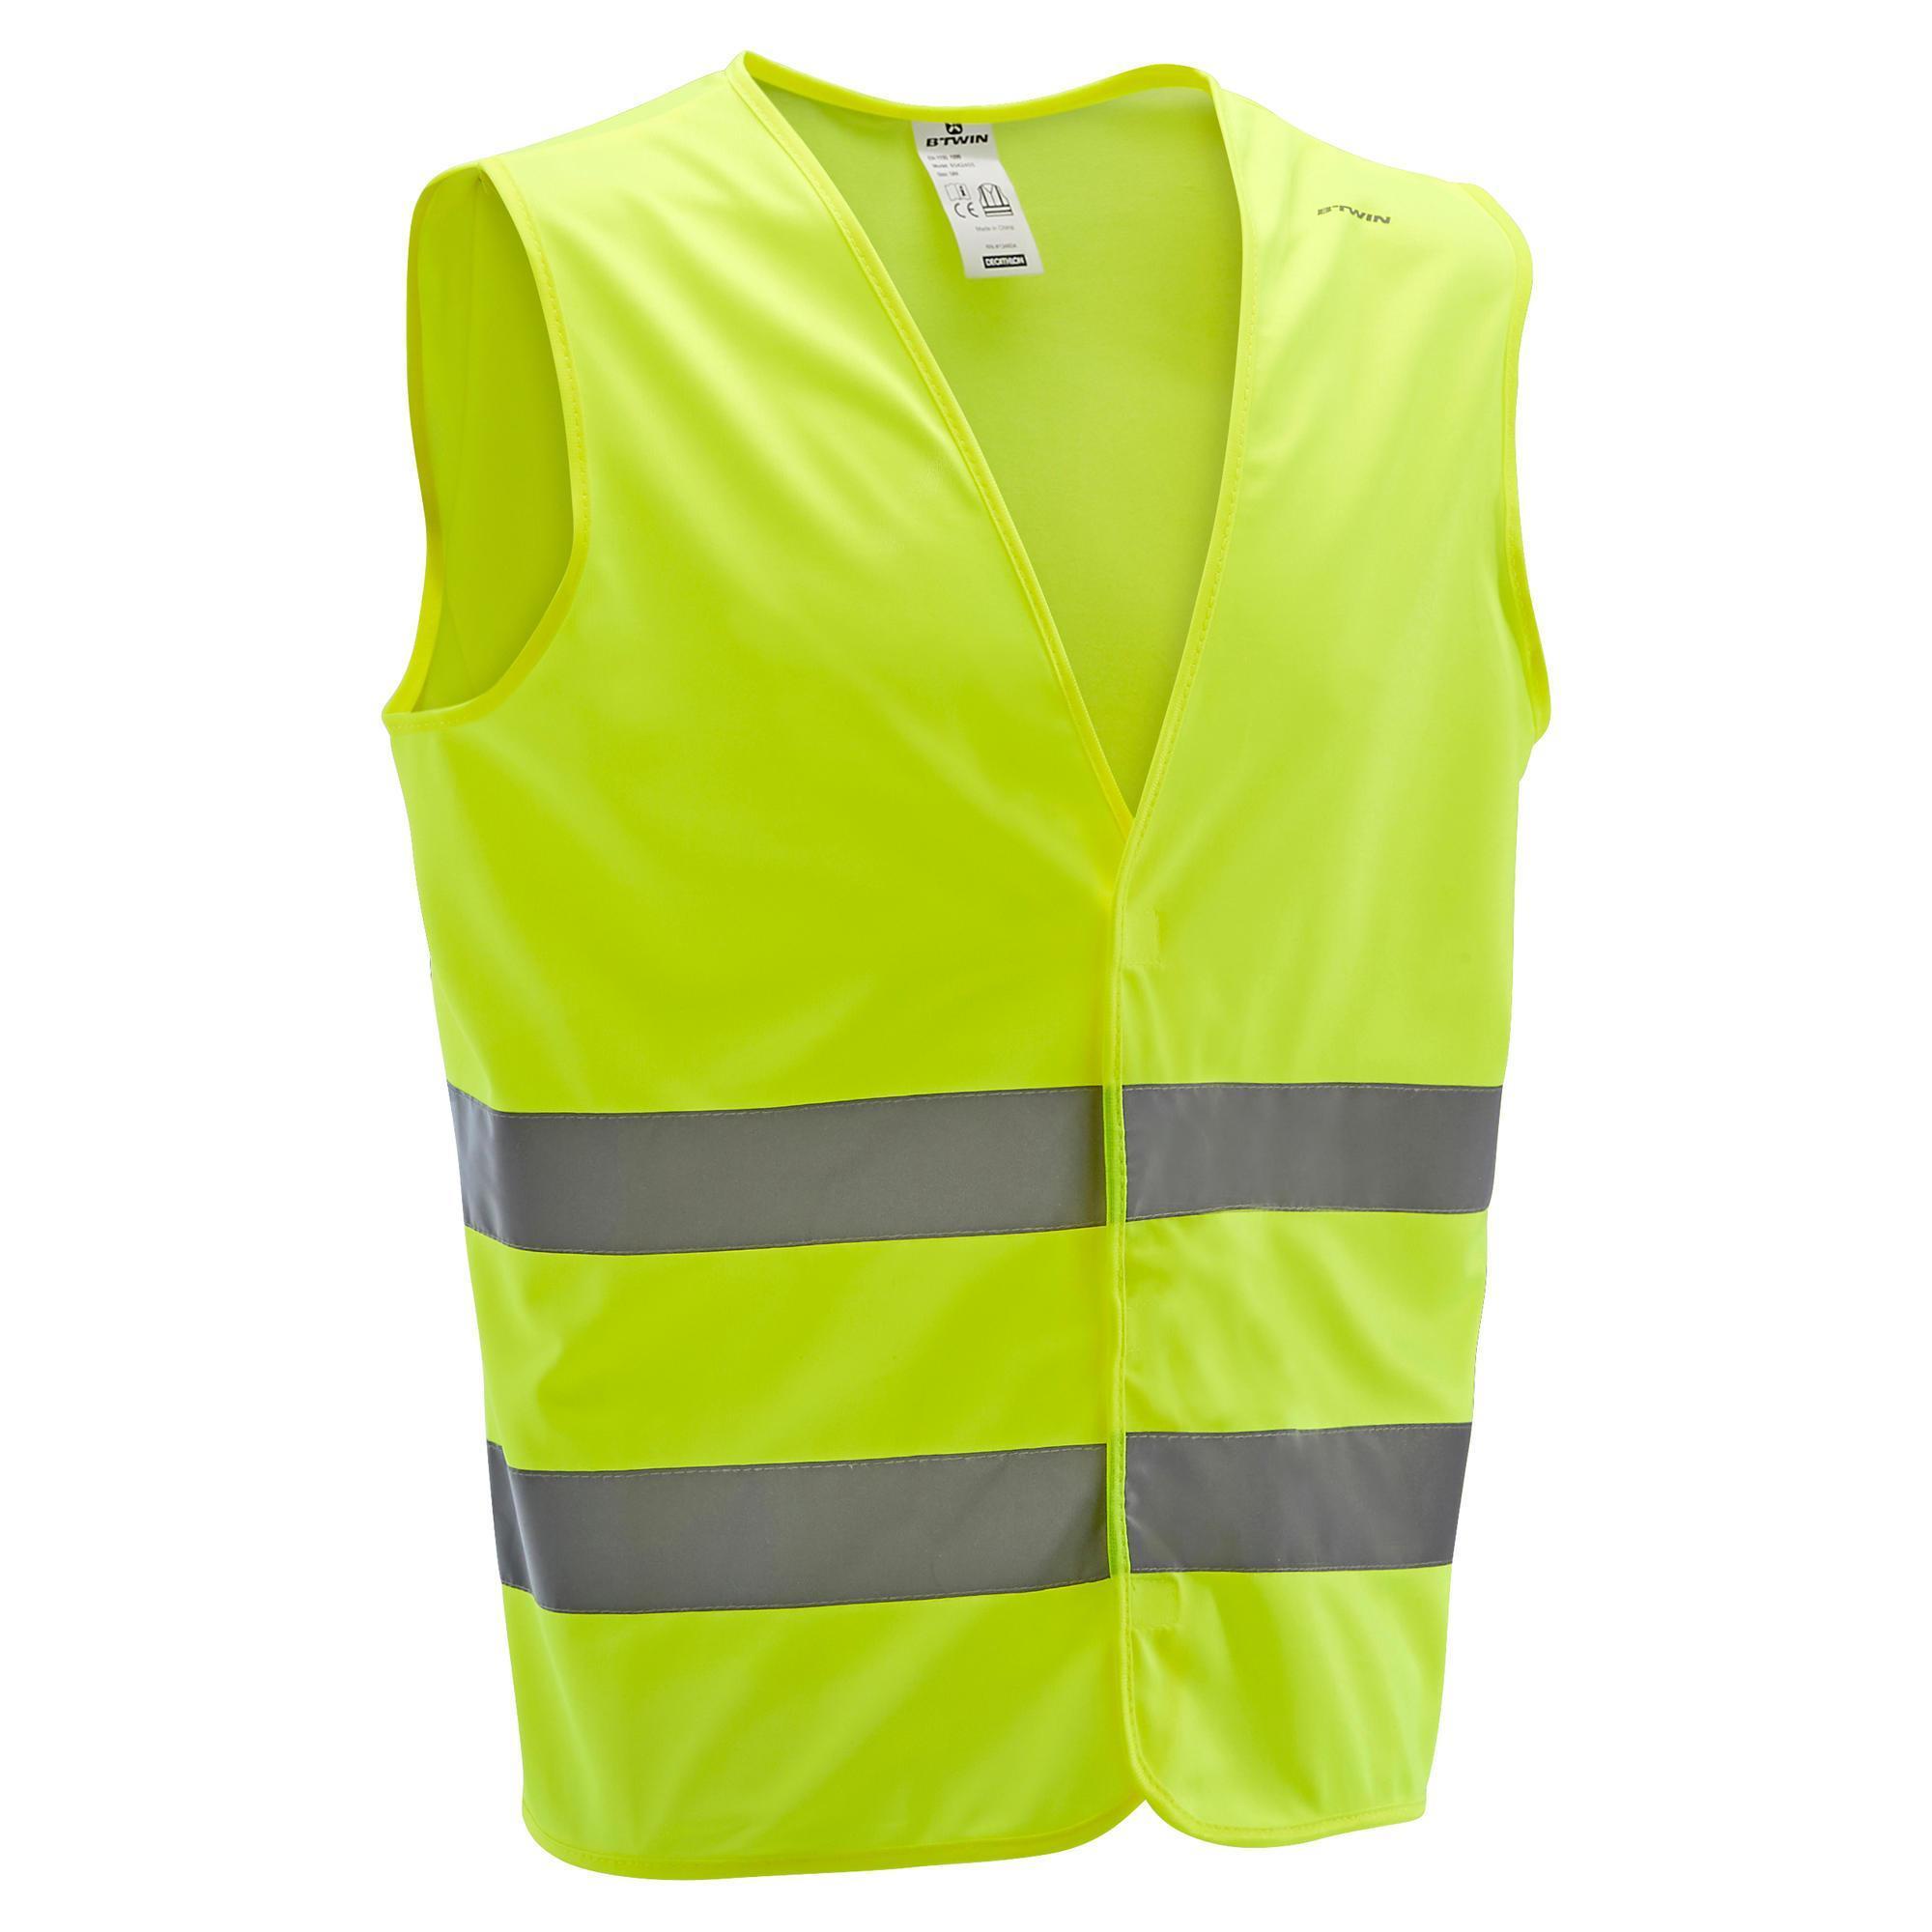 Sicherheitsweste UC 500 Erwachsene neongelb | Bekleidung > Westen | Gelb | B´twin